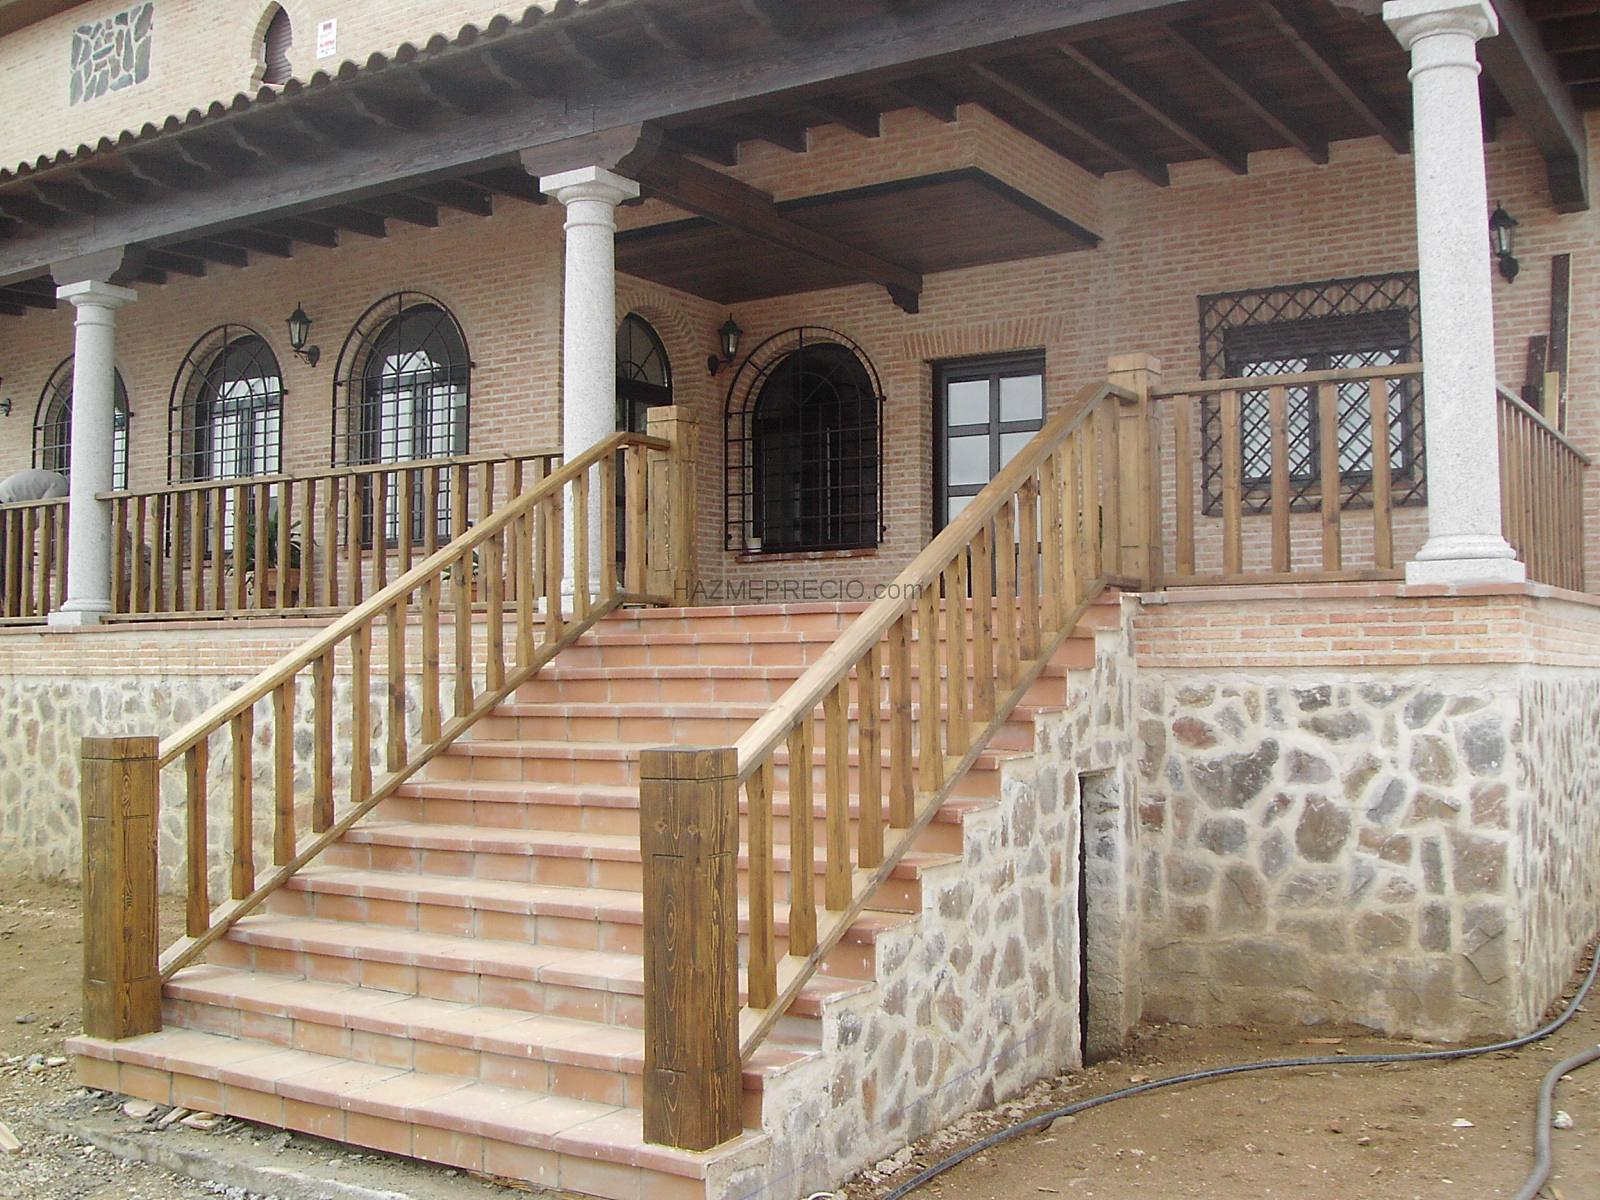 Pin fotos de porches presupuesto e imagenes on pinterest - Imagenes de porches ...